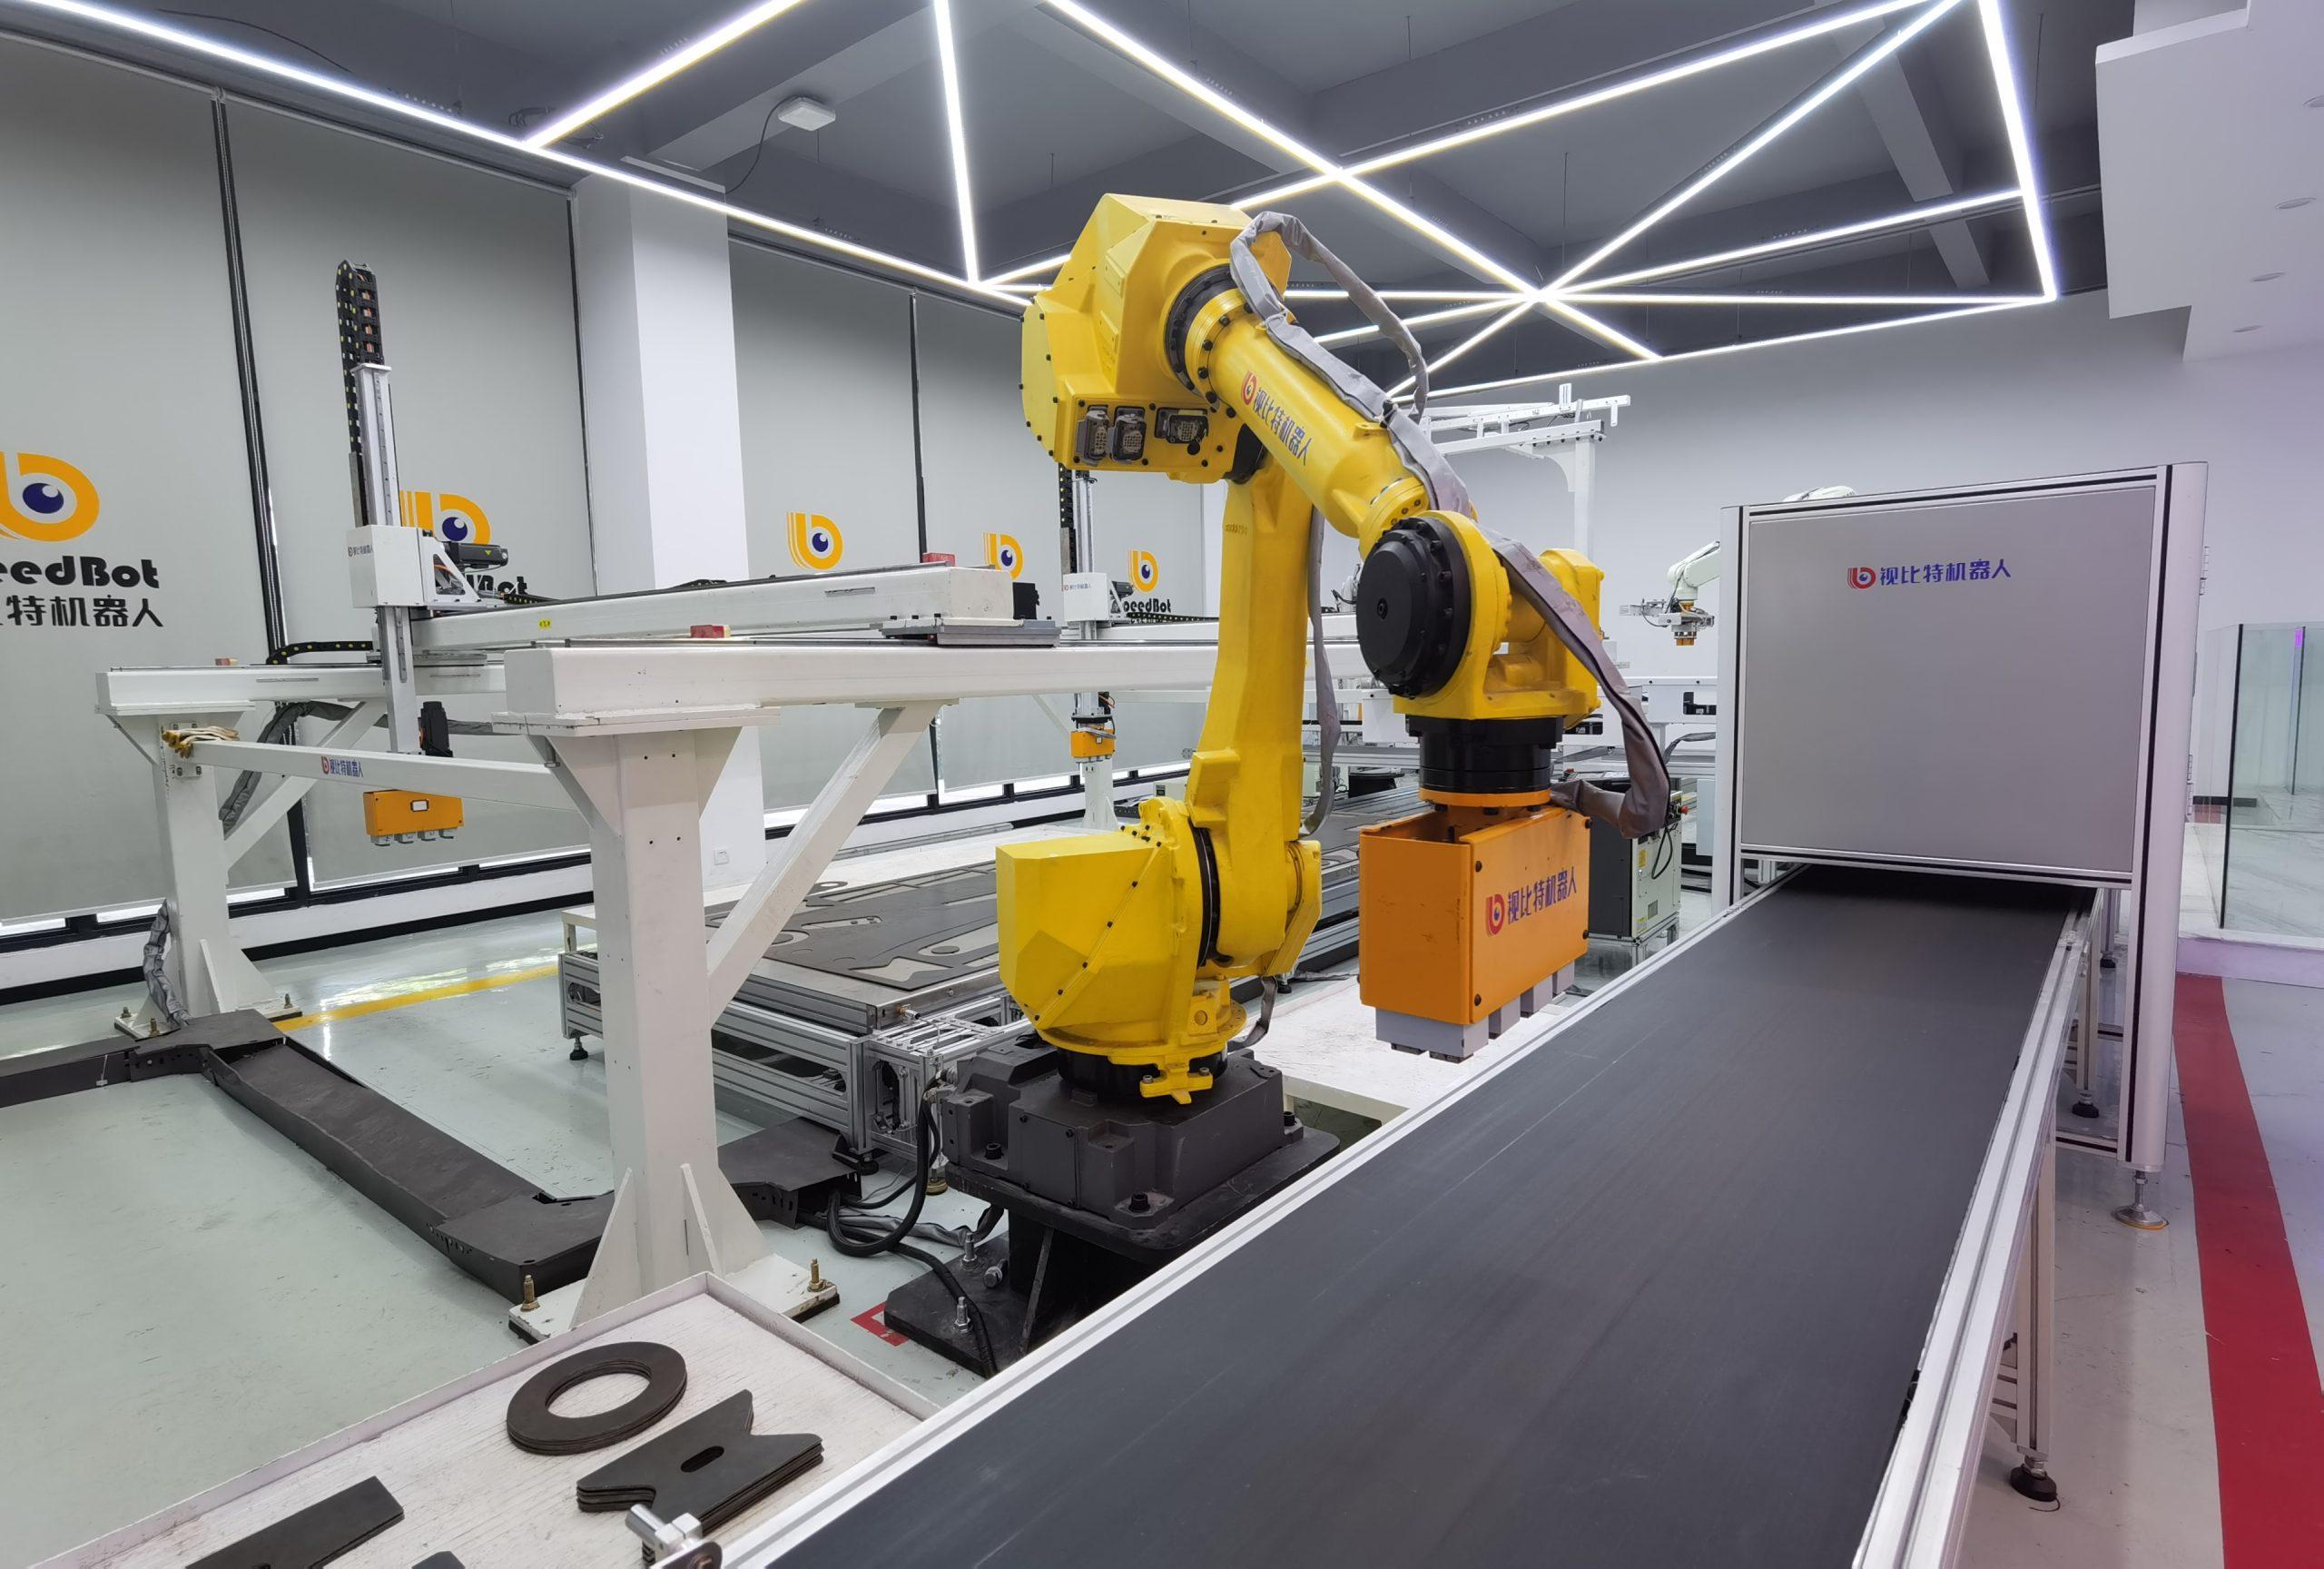 Speedbot robot magnetic gripper in sorting line - HVR MAG